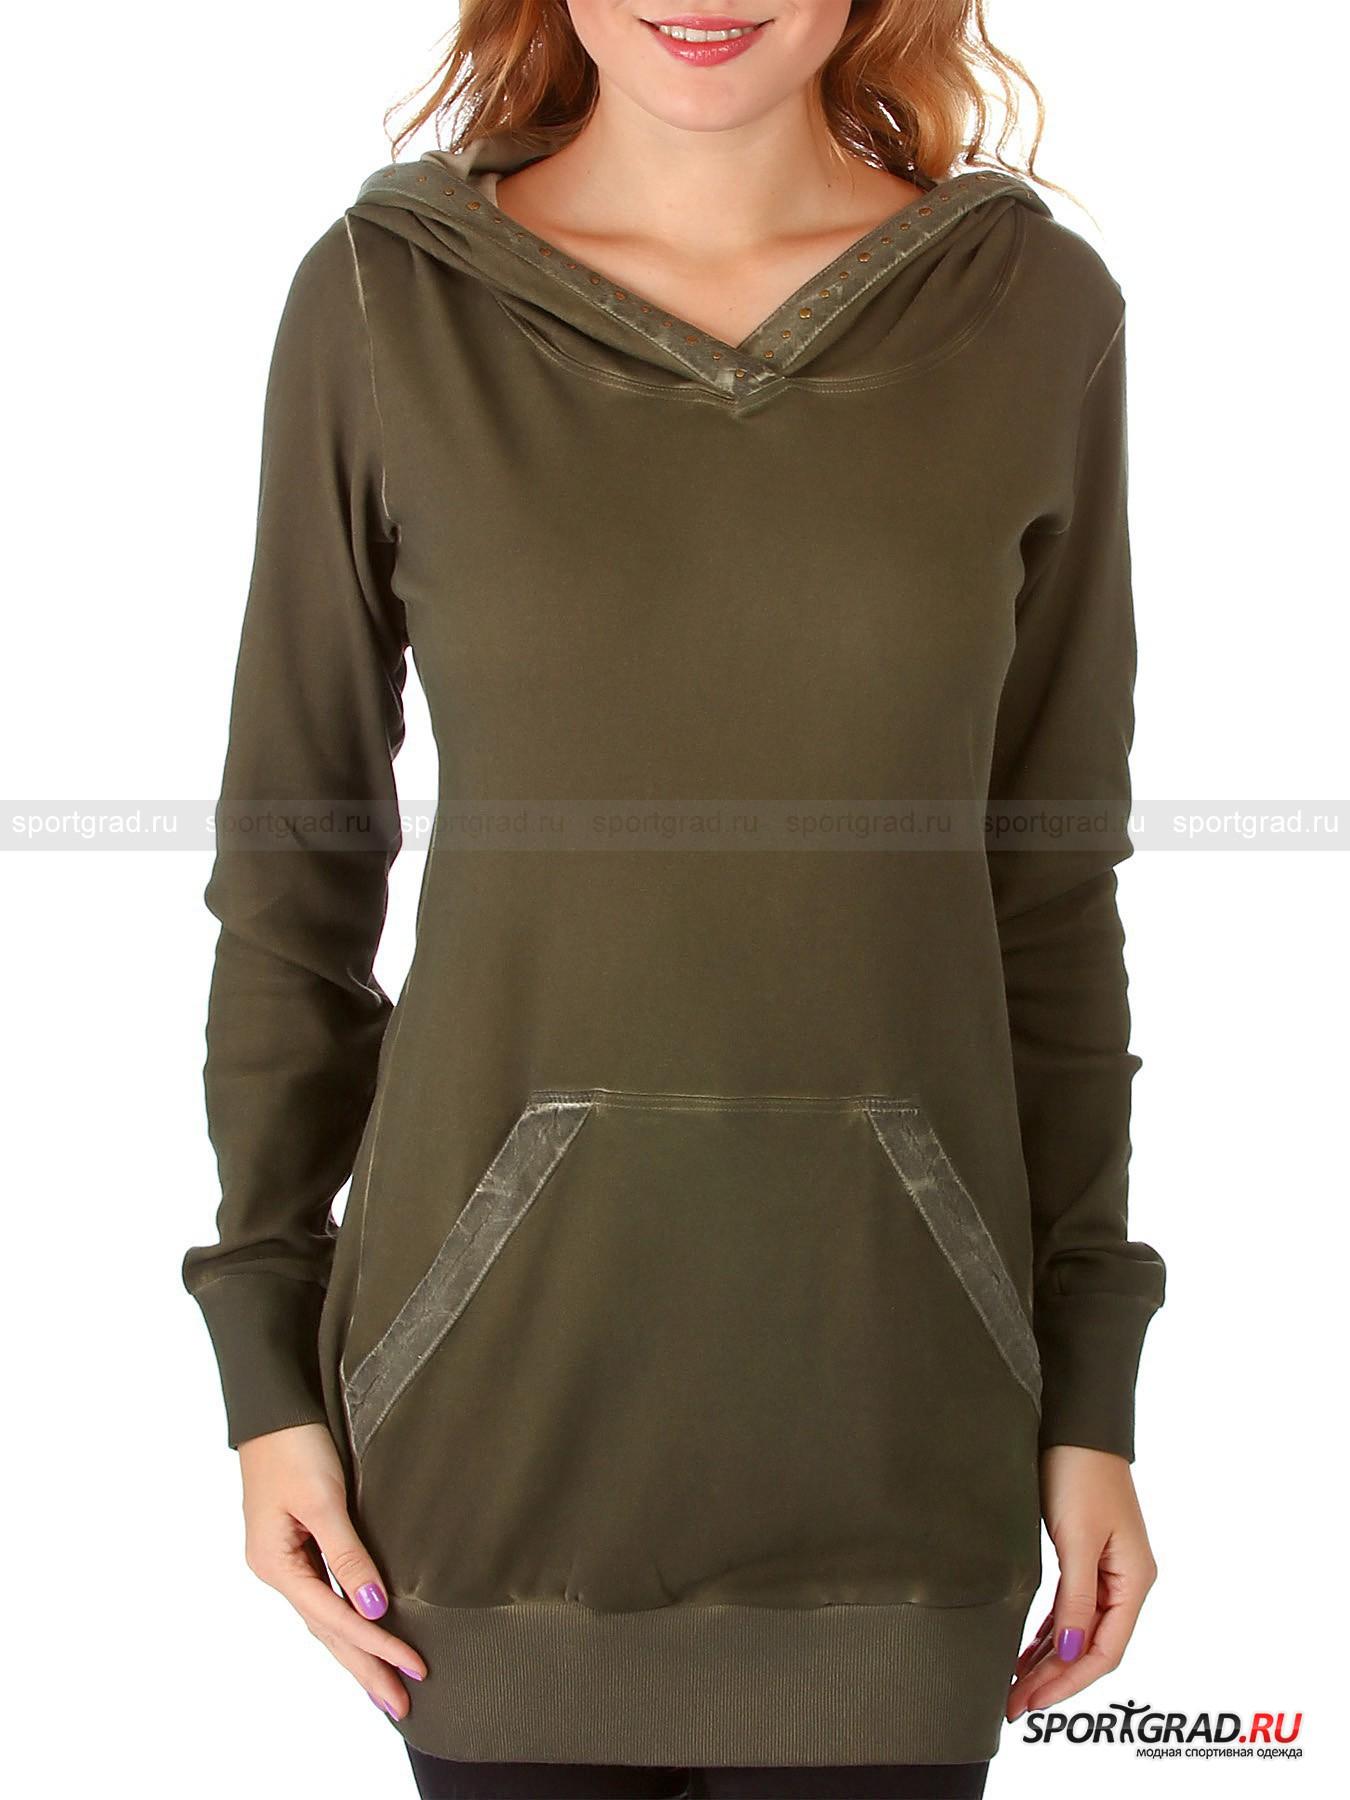 Туника женская хлопковая Swetshirt hooded DEHA